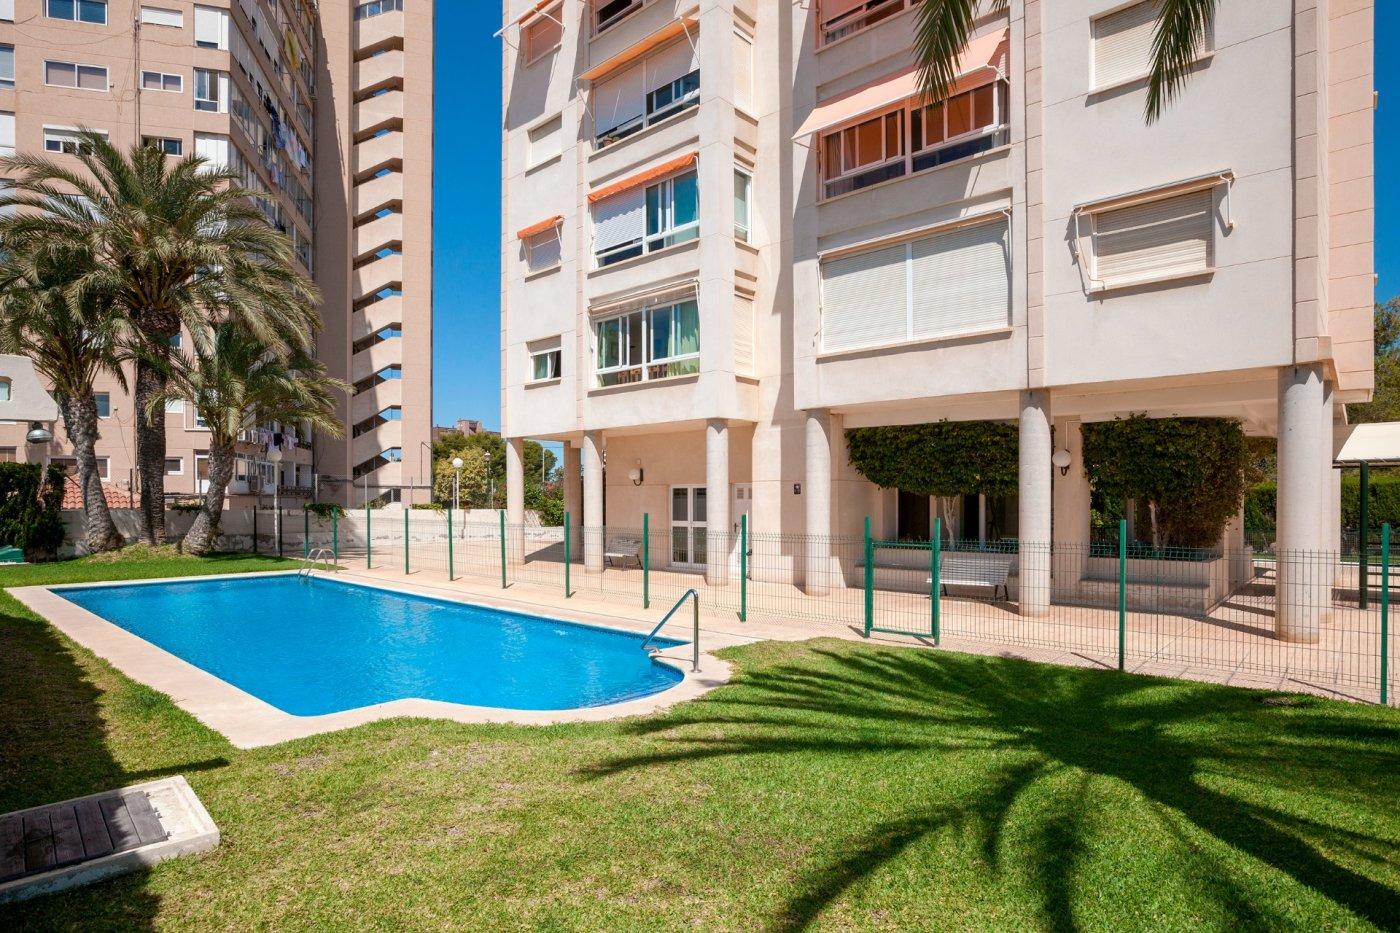 Piso · Alicante · Playa San Juan 206.000€€